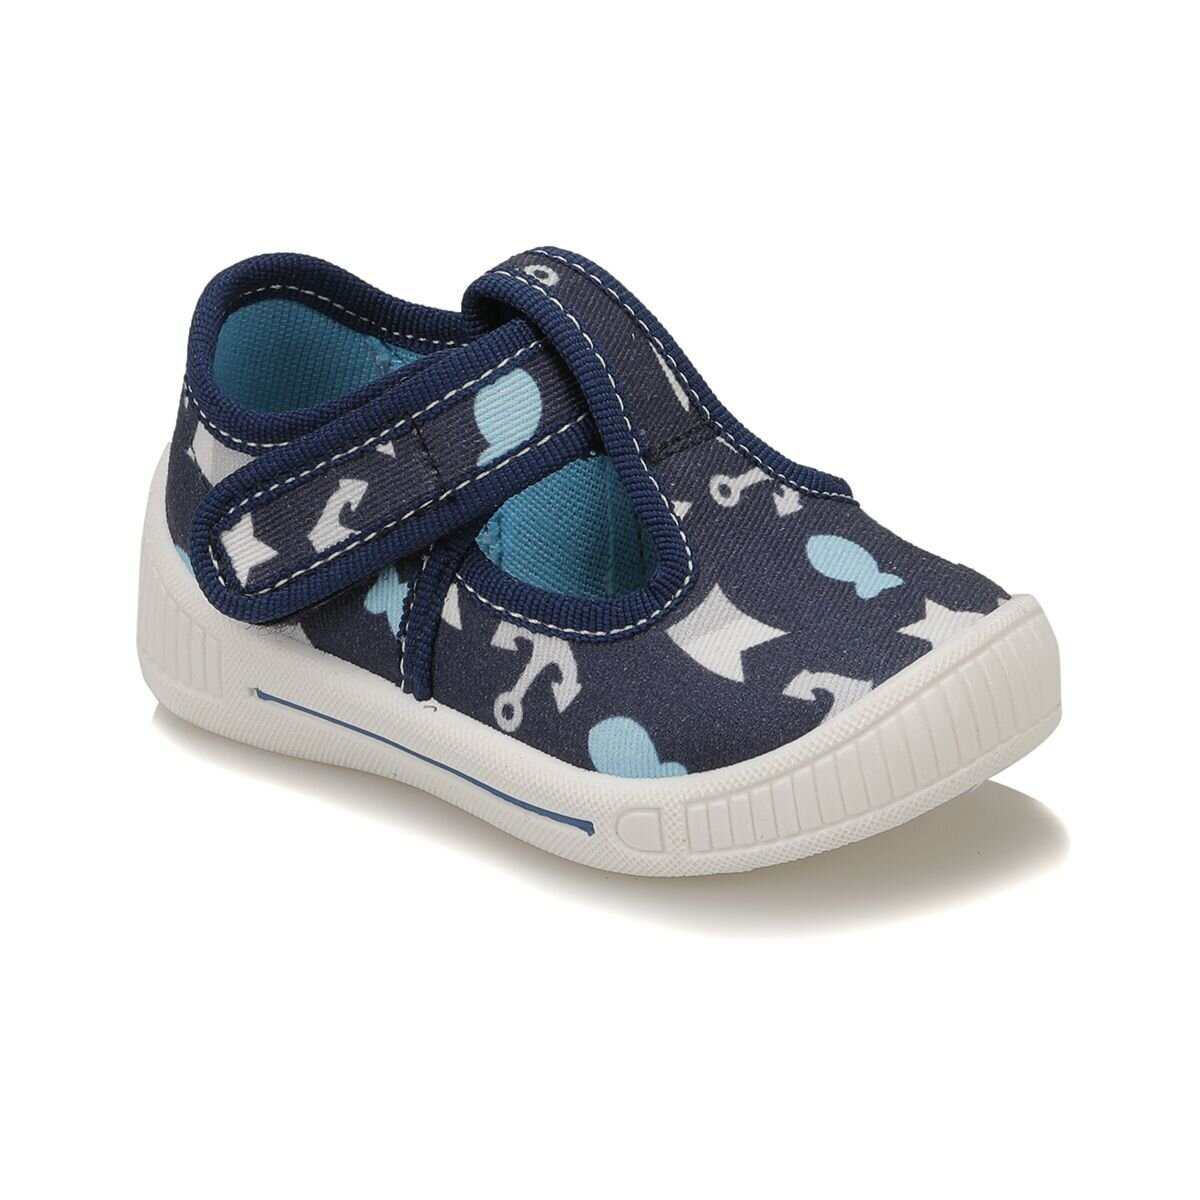 Lacivert Erkek Çocuk Ayakkabı 2-00265-81 BE